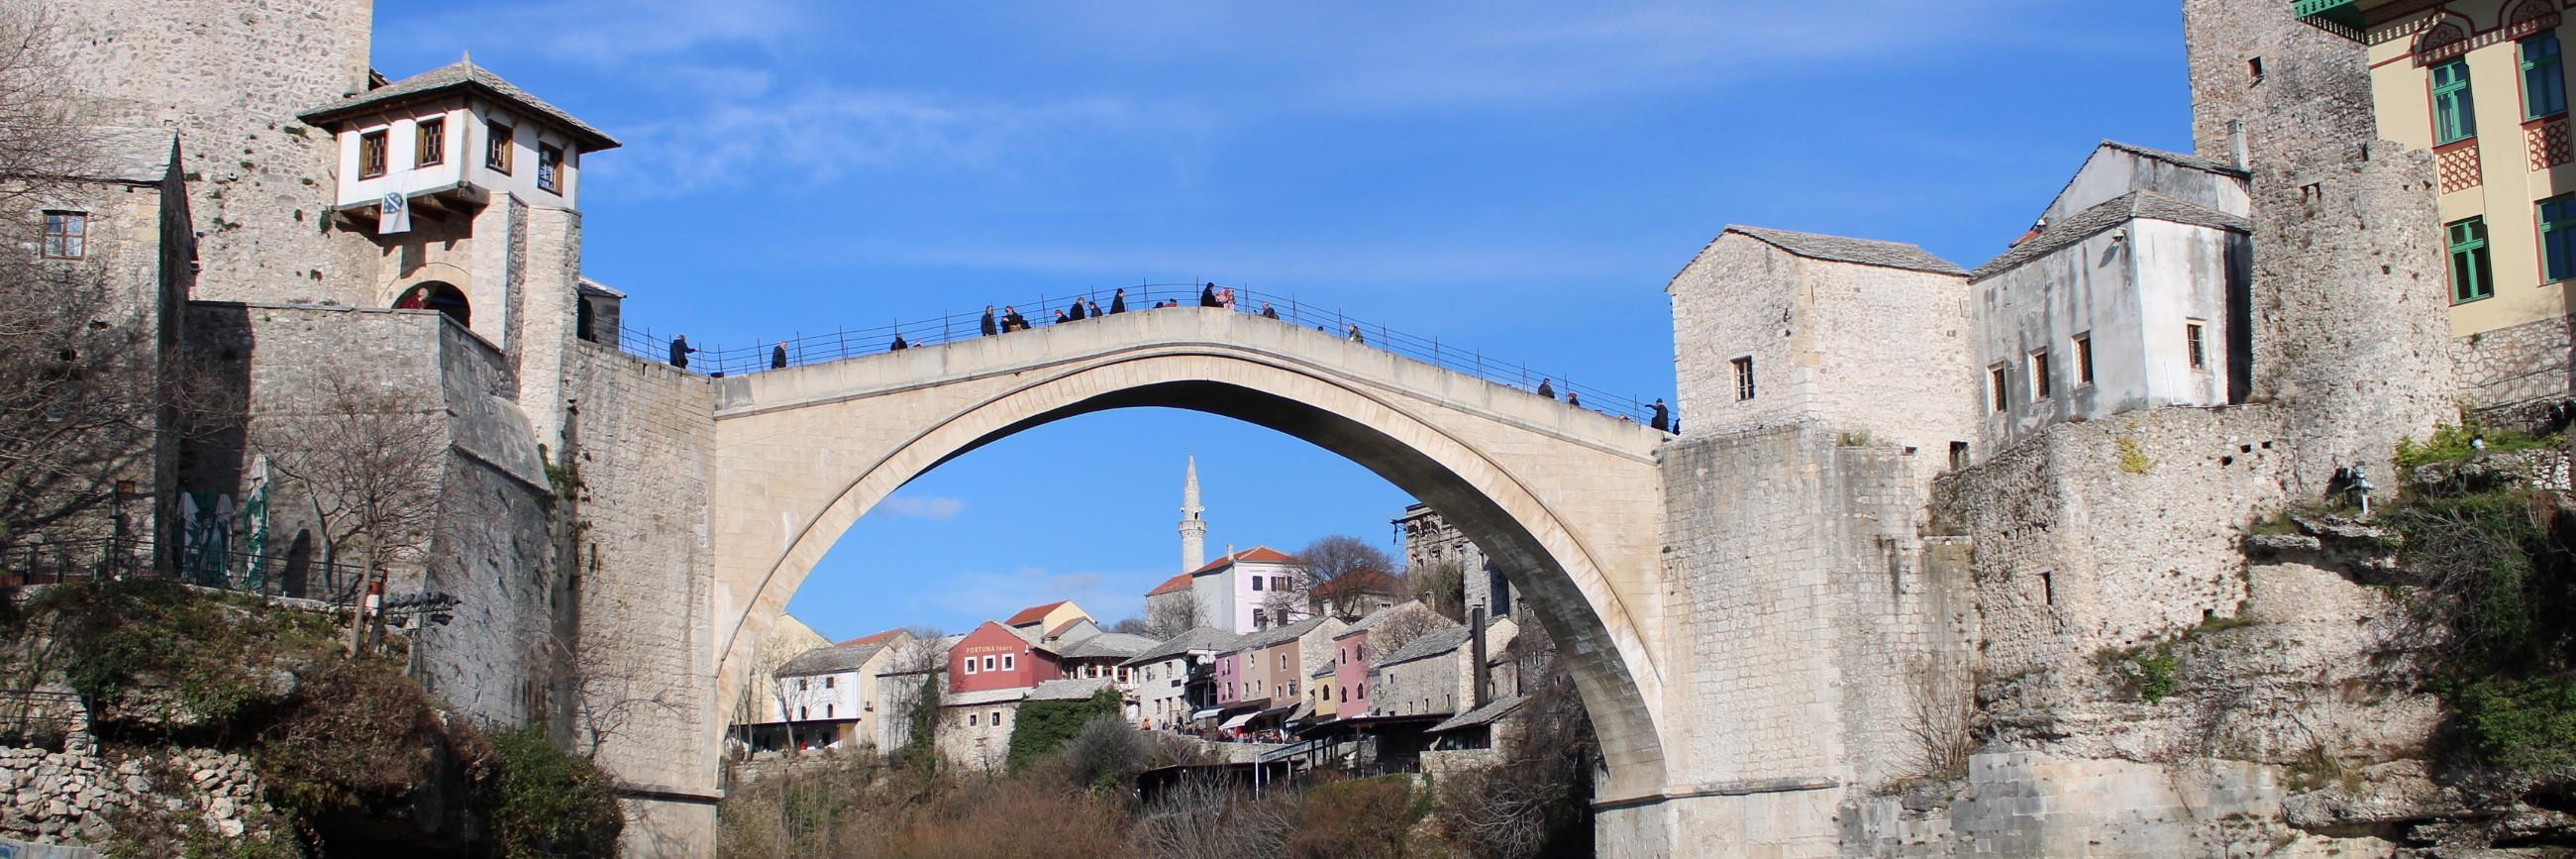 Мостар. Обзорная экскурсия